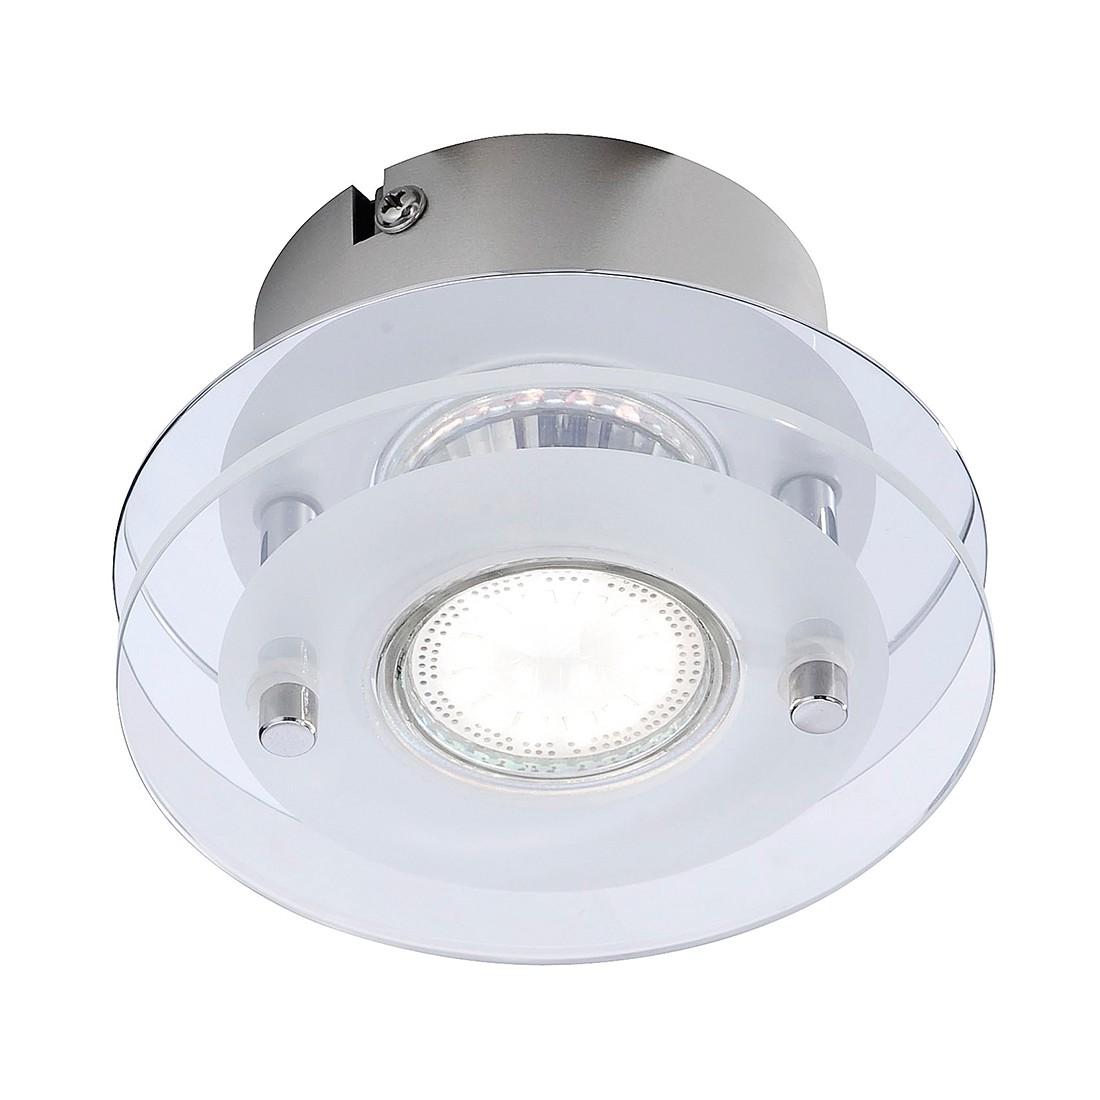 Deckenleuchte Stefan by Leuchten Direkt ● Eisen ● Silber ● 1-flammig- Leuchten Direkt A++